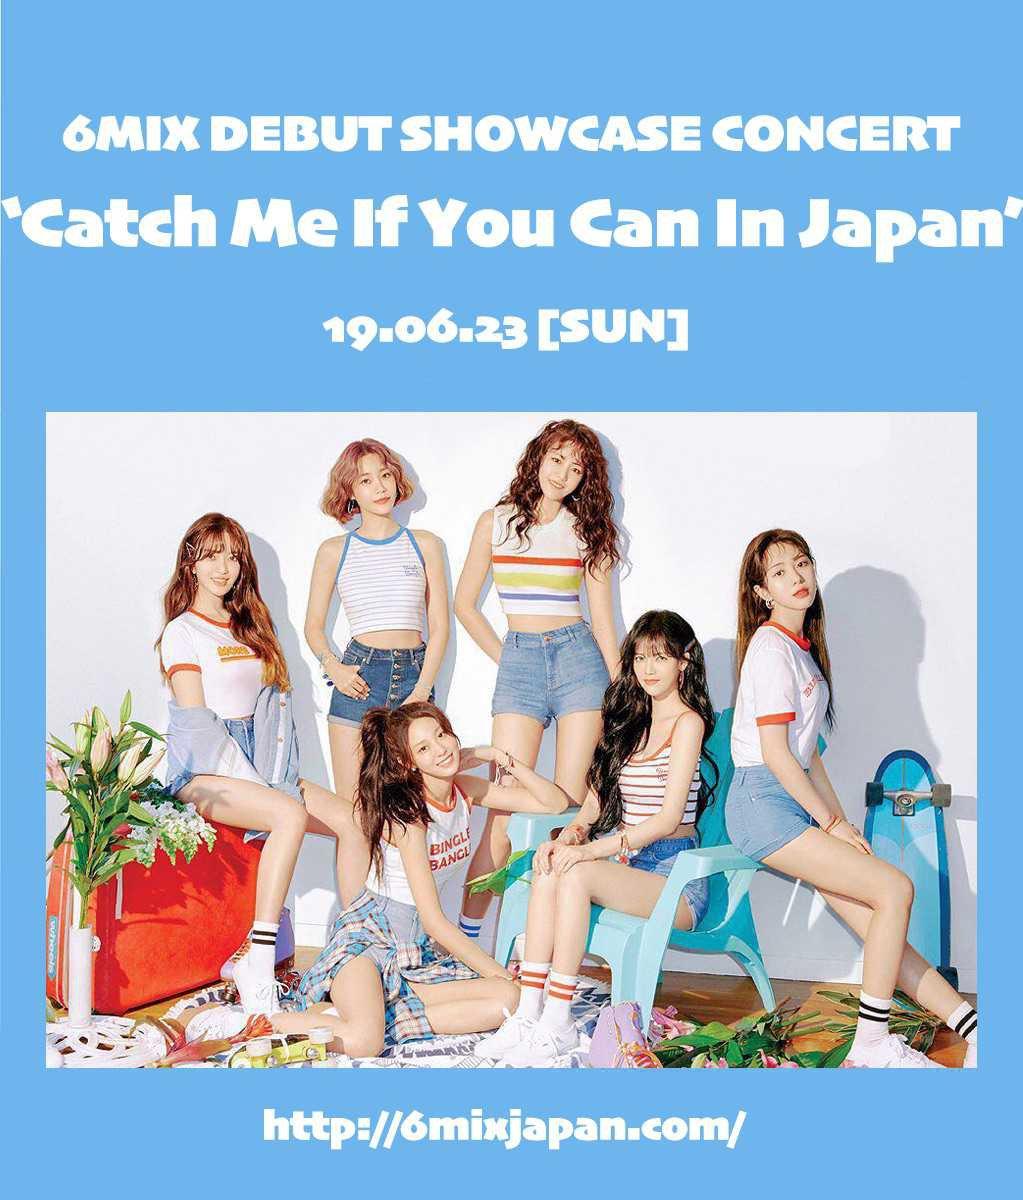 6mix Japan Debut Showcase Poster